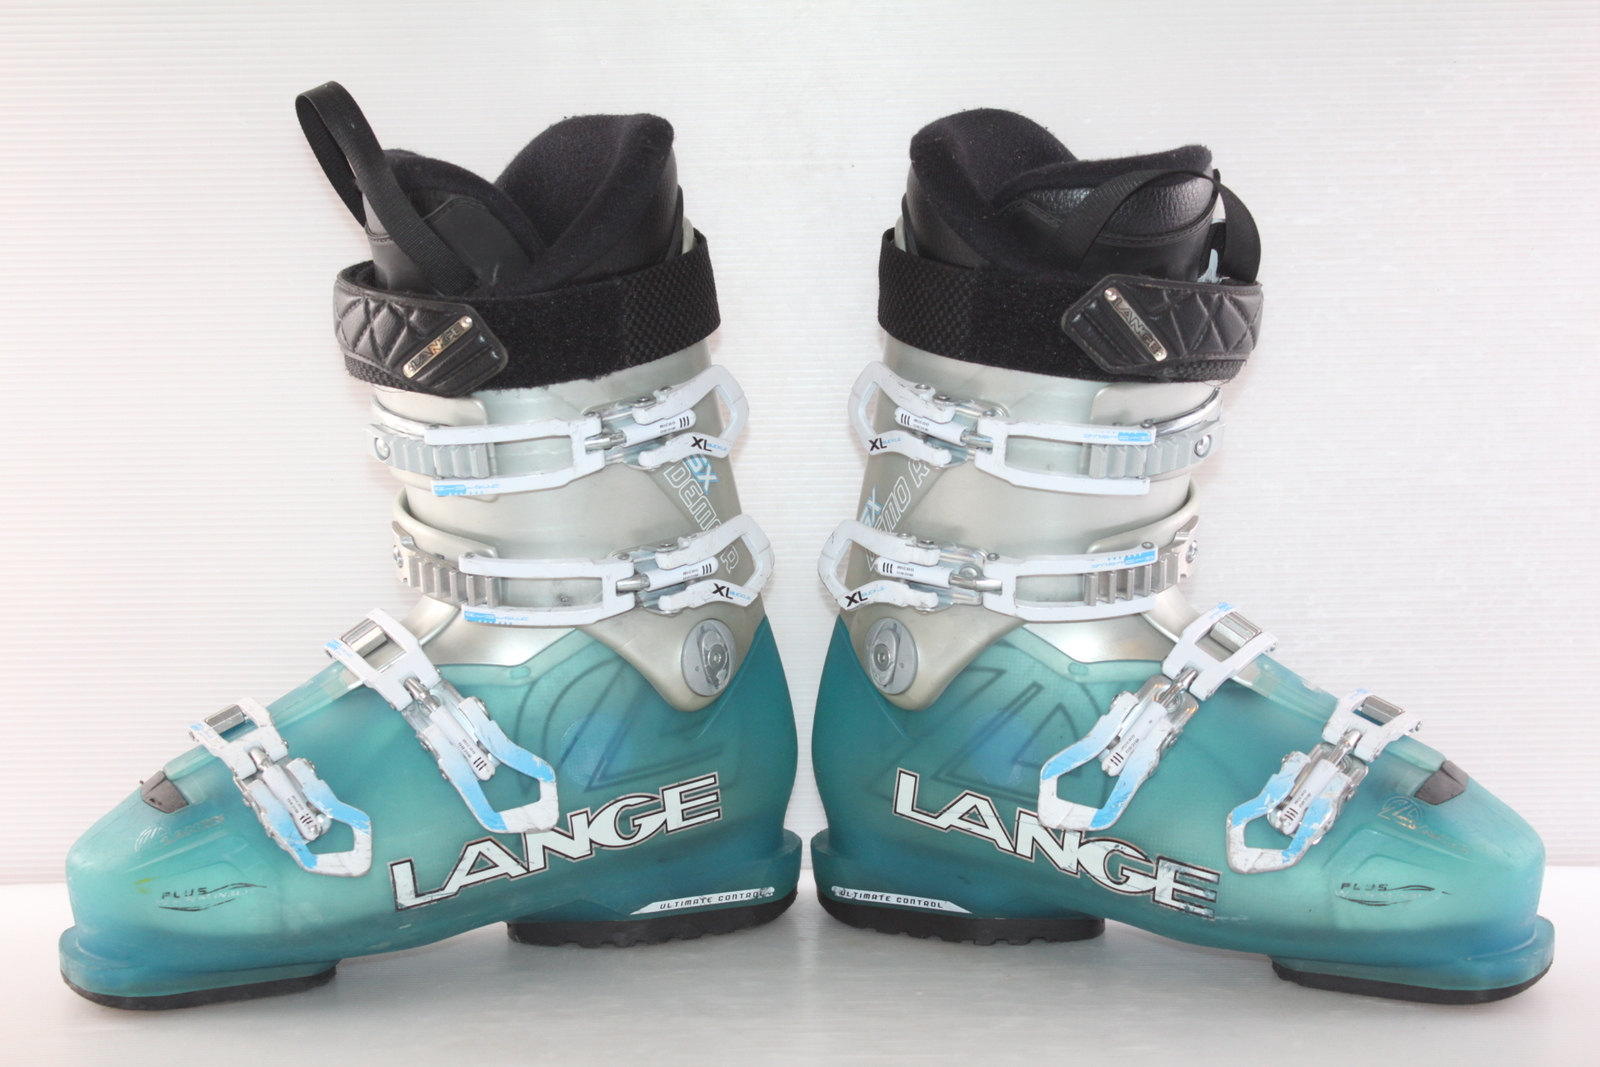 Dámské lyžáky Lange SX Demo R vel. EU39